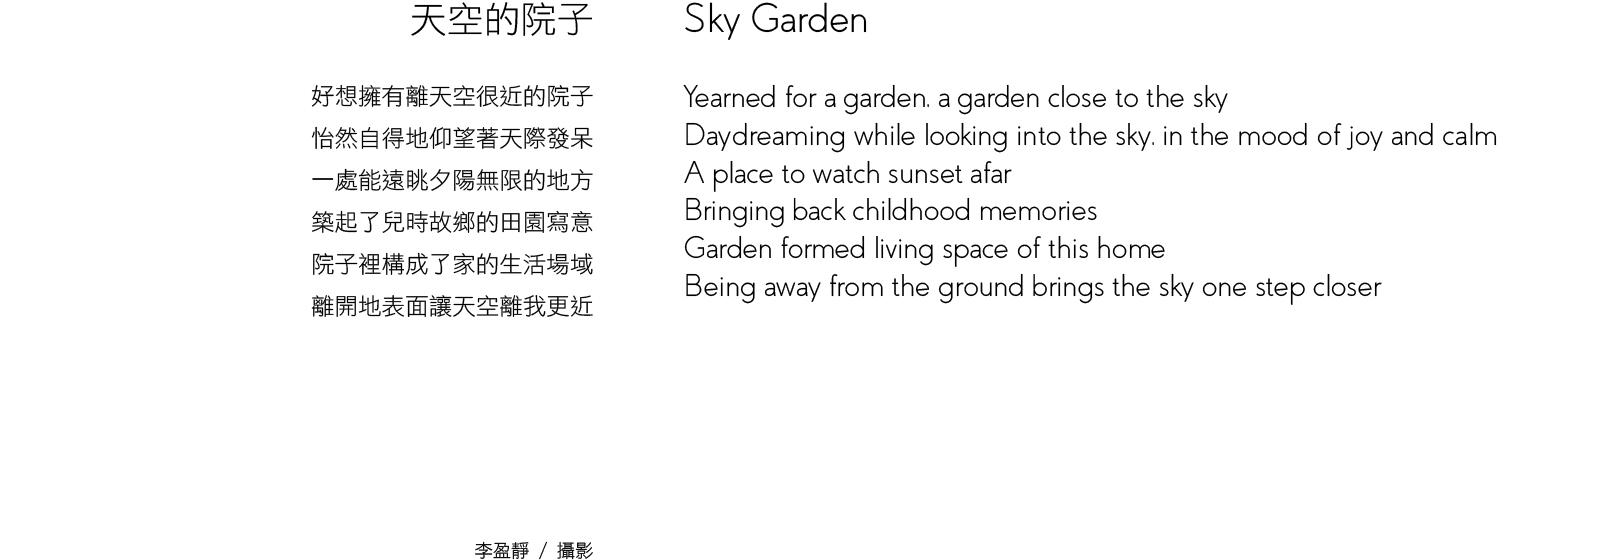 天空的院子.jpg